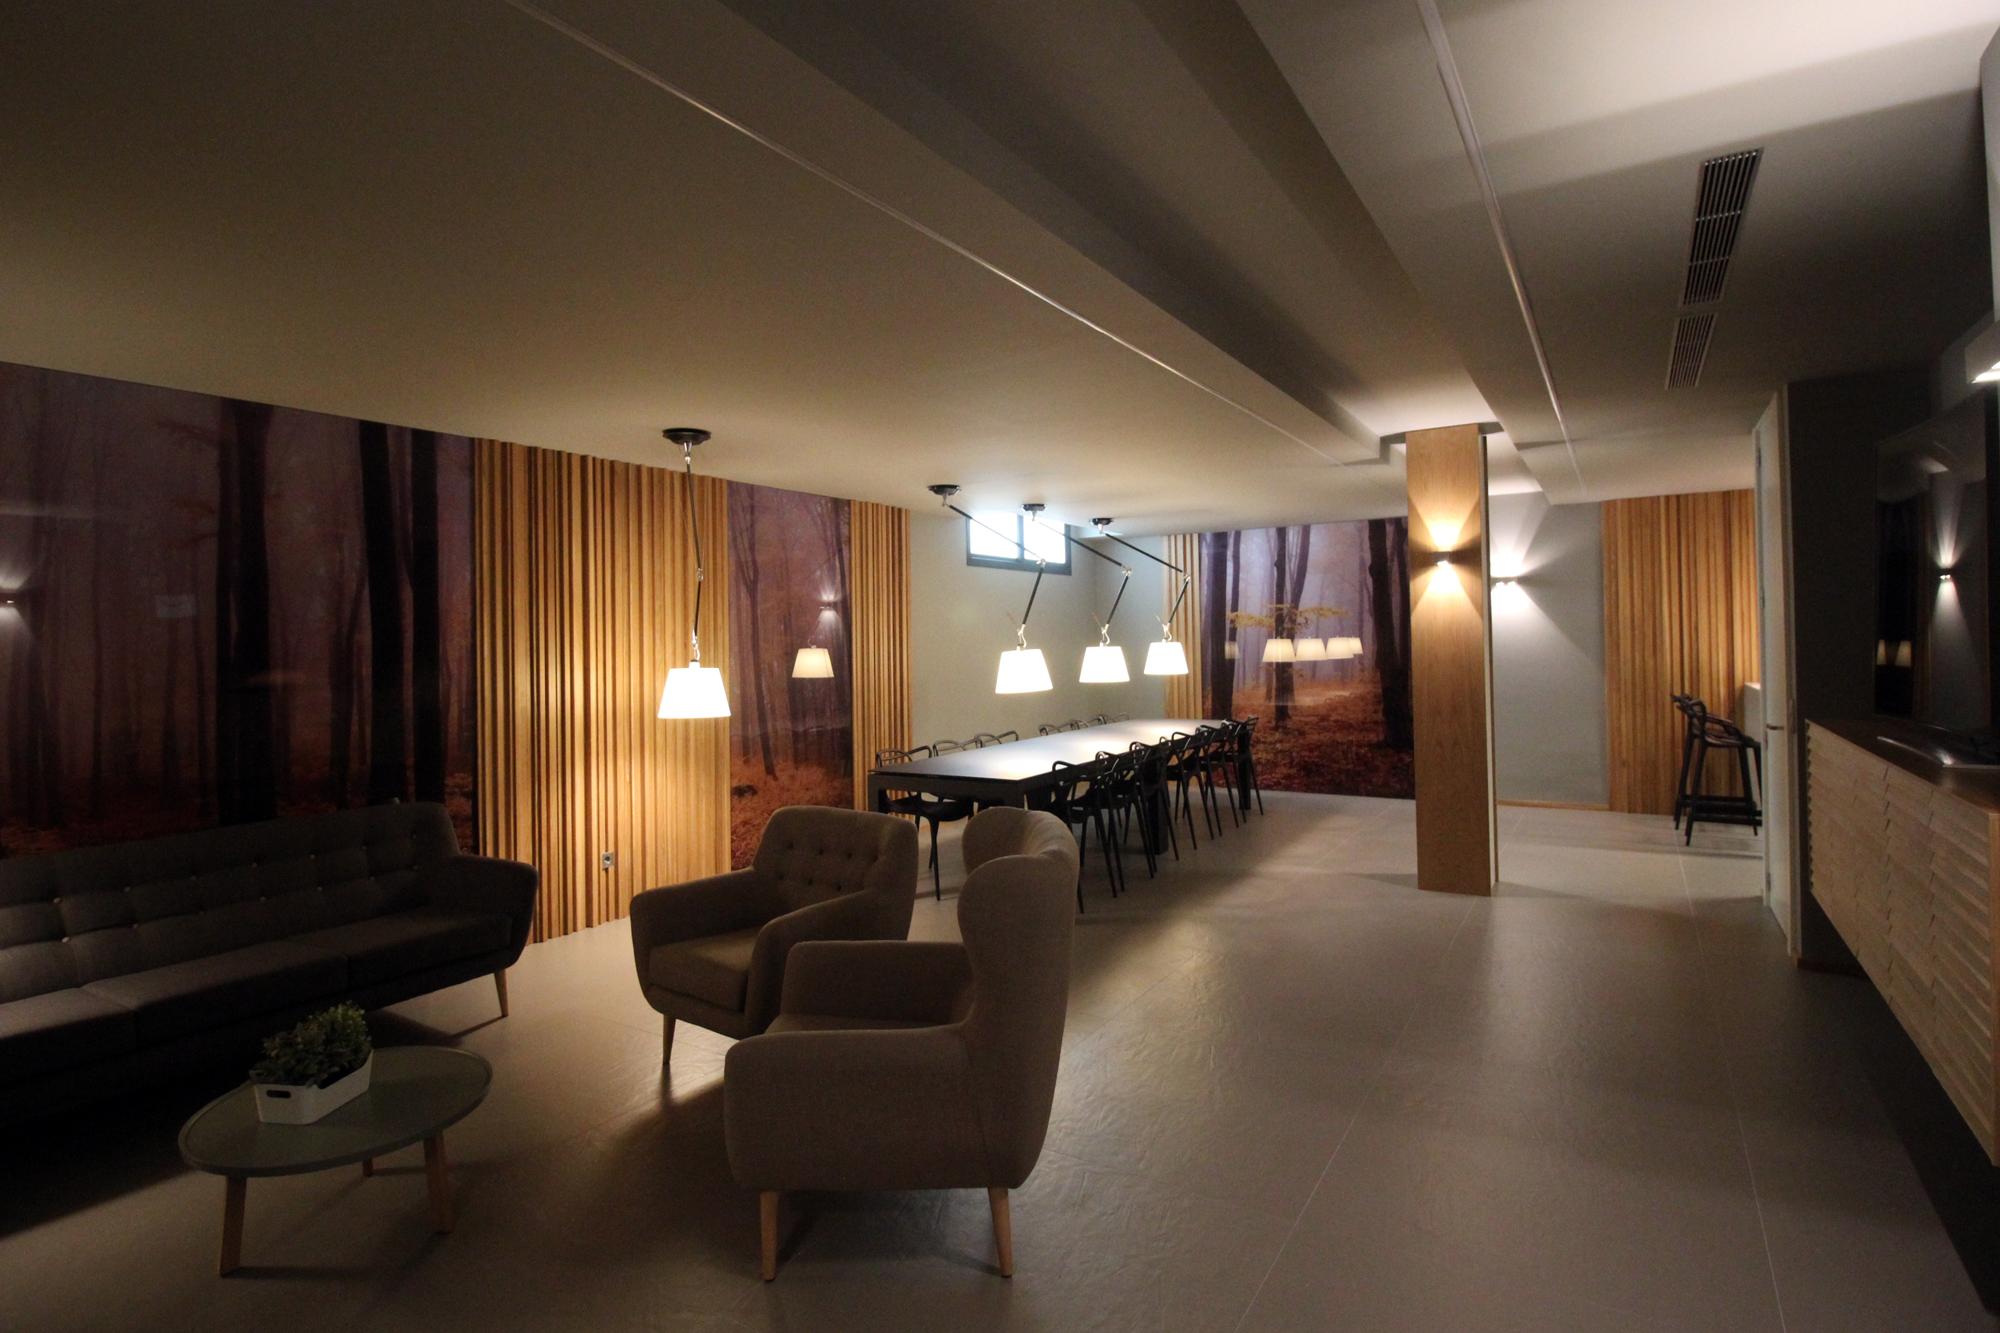 Javier arranz arquitecto de interiores - Arquitecto de interiores ...